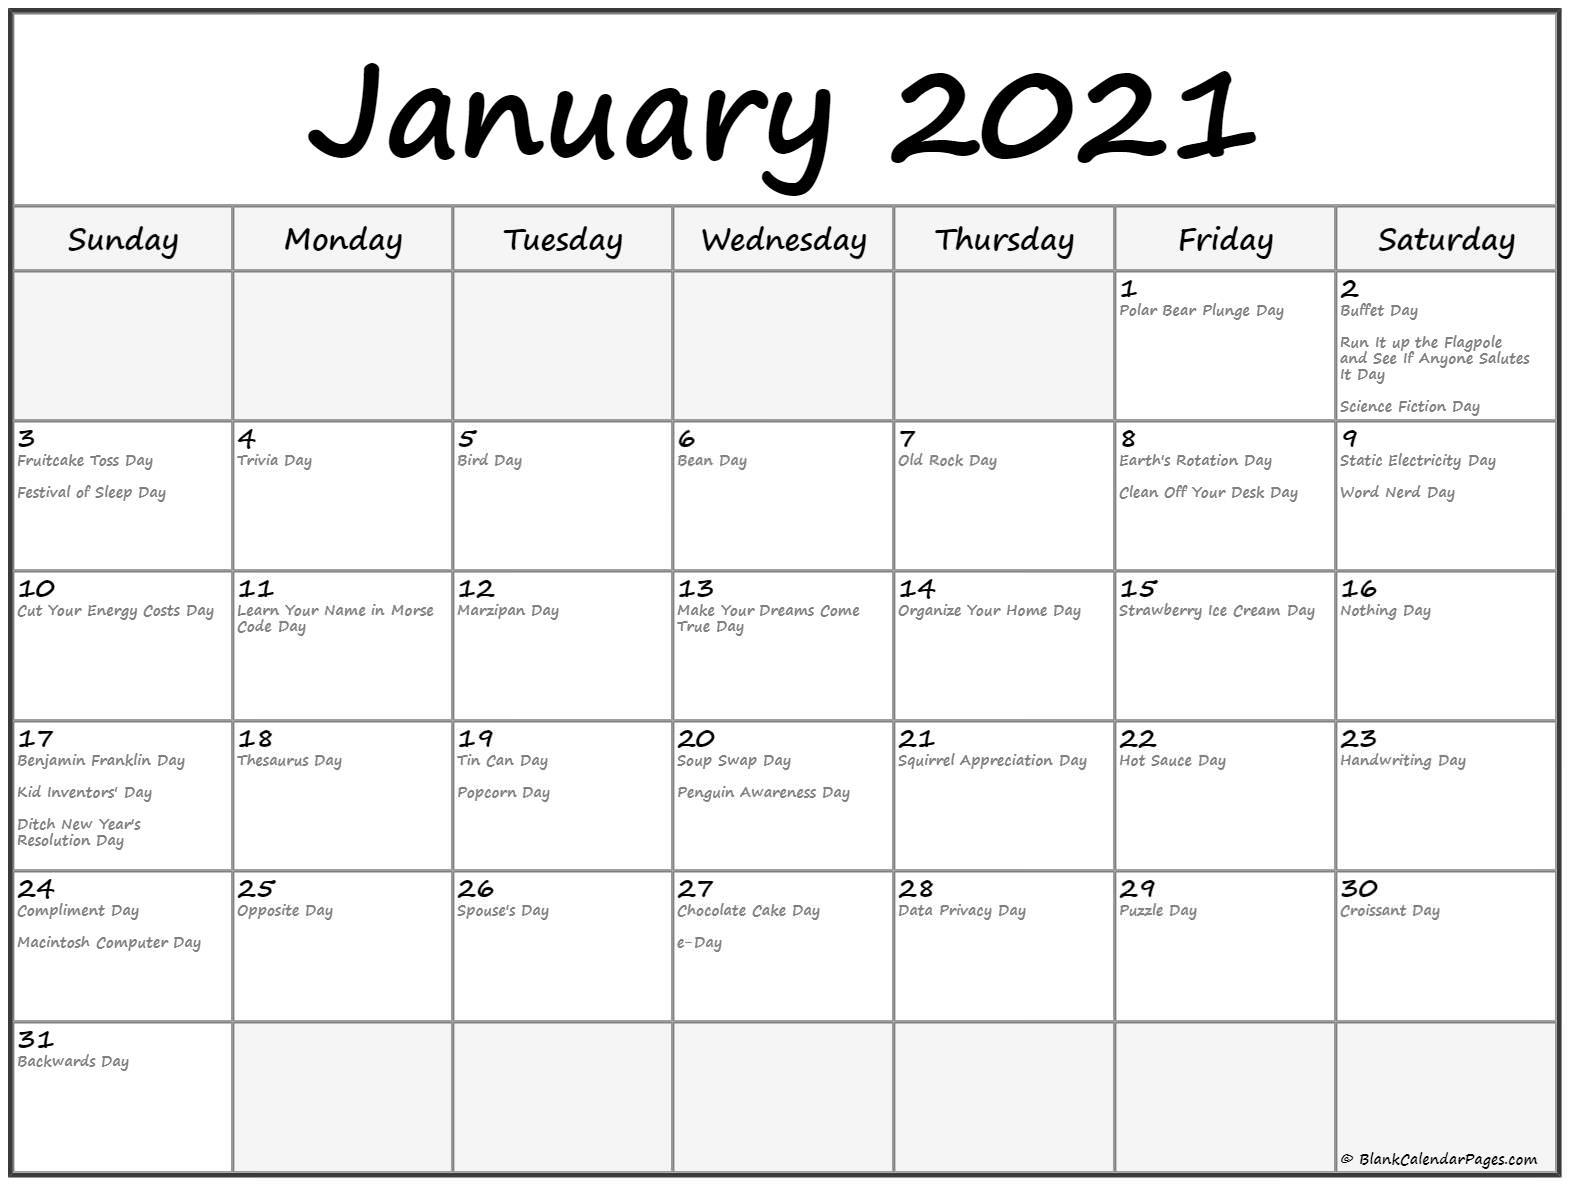 Take Printable List Of 2021 National Days